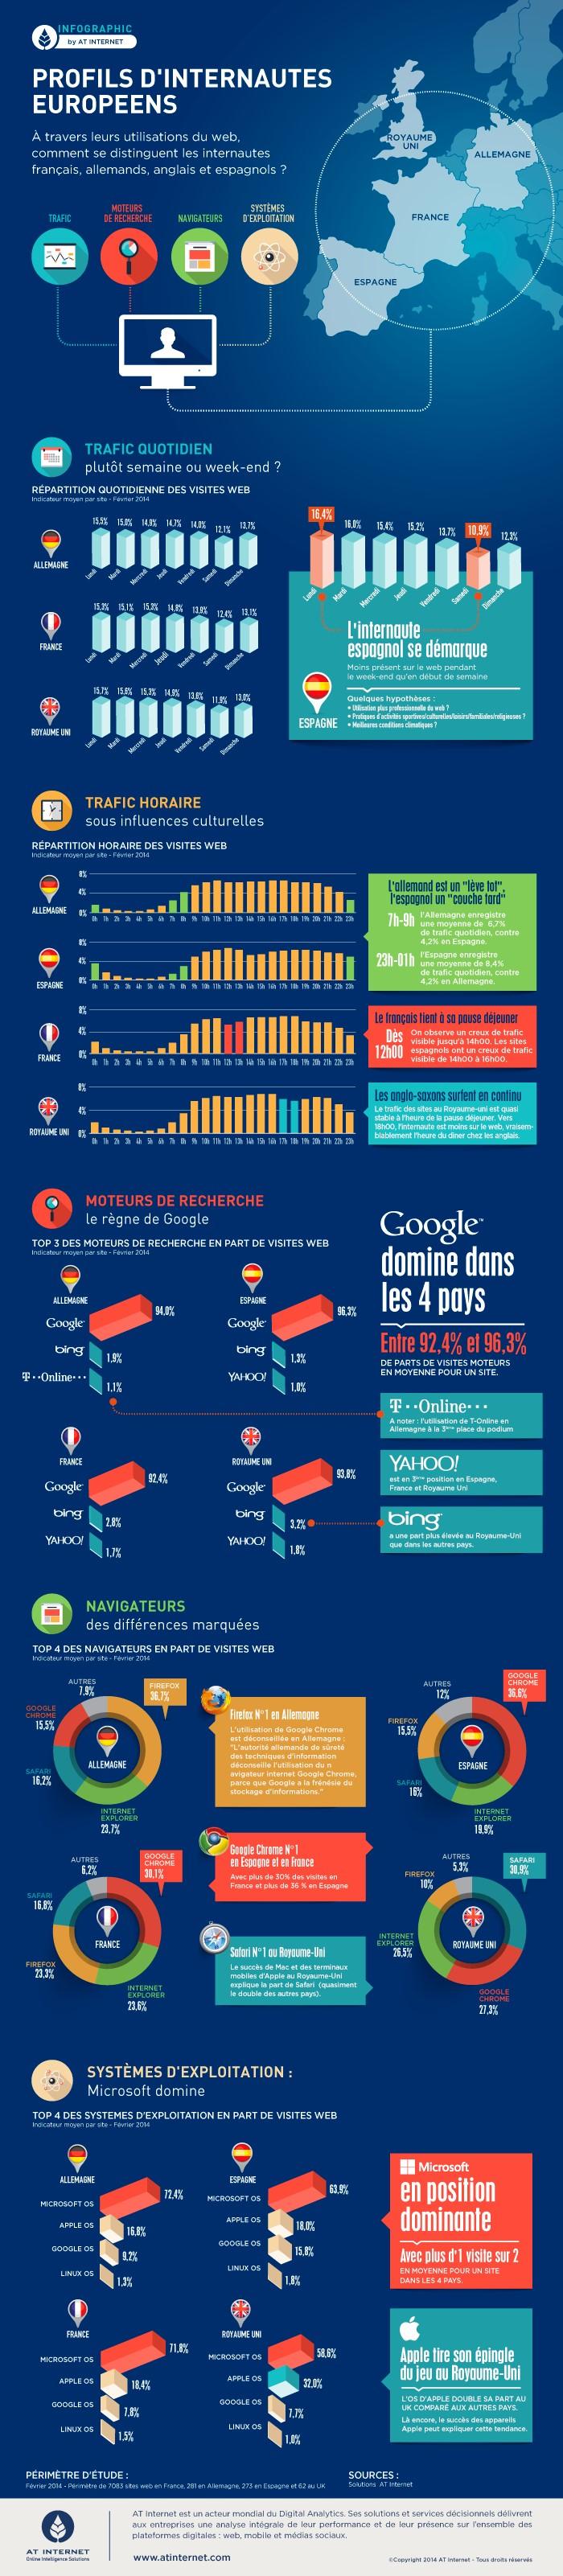 Infographie - les profils d'internautes européens